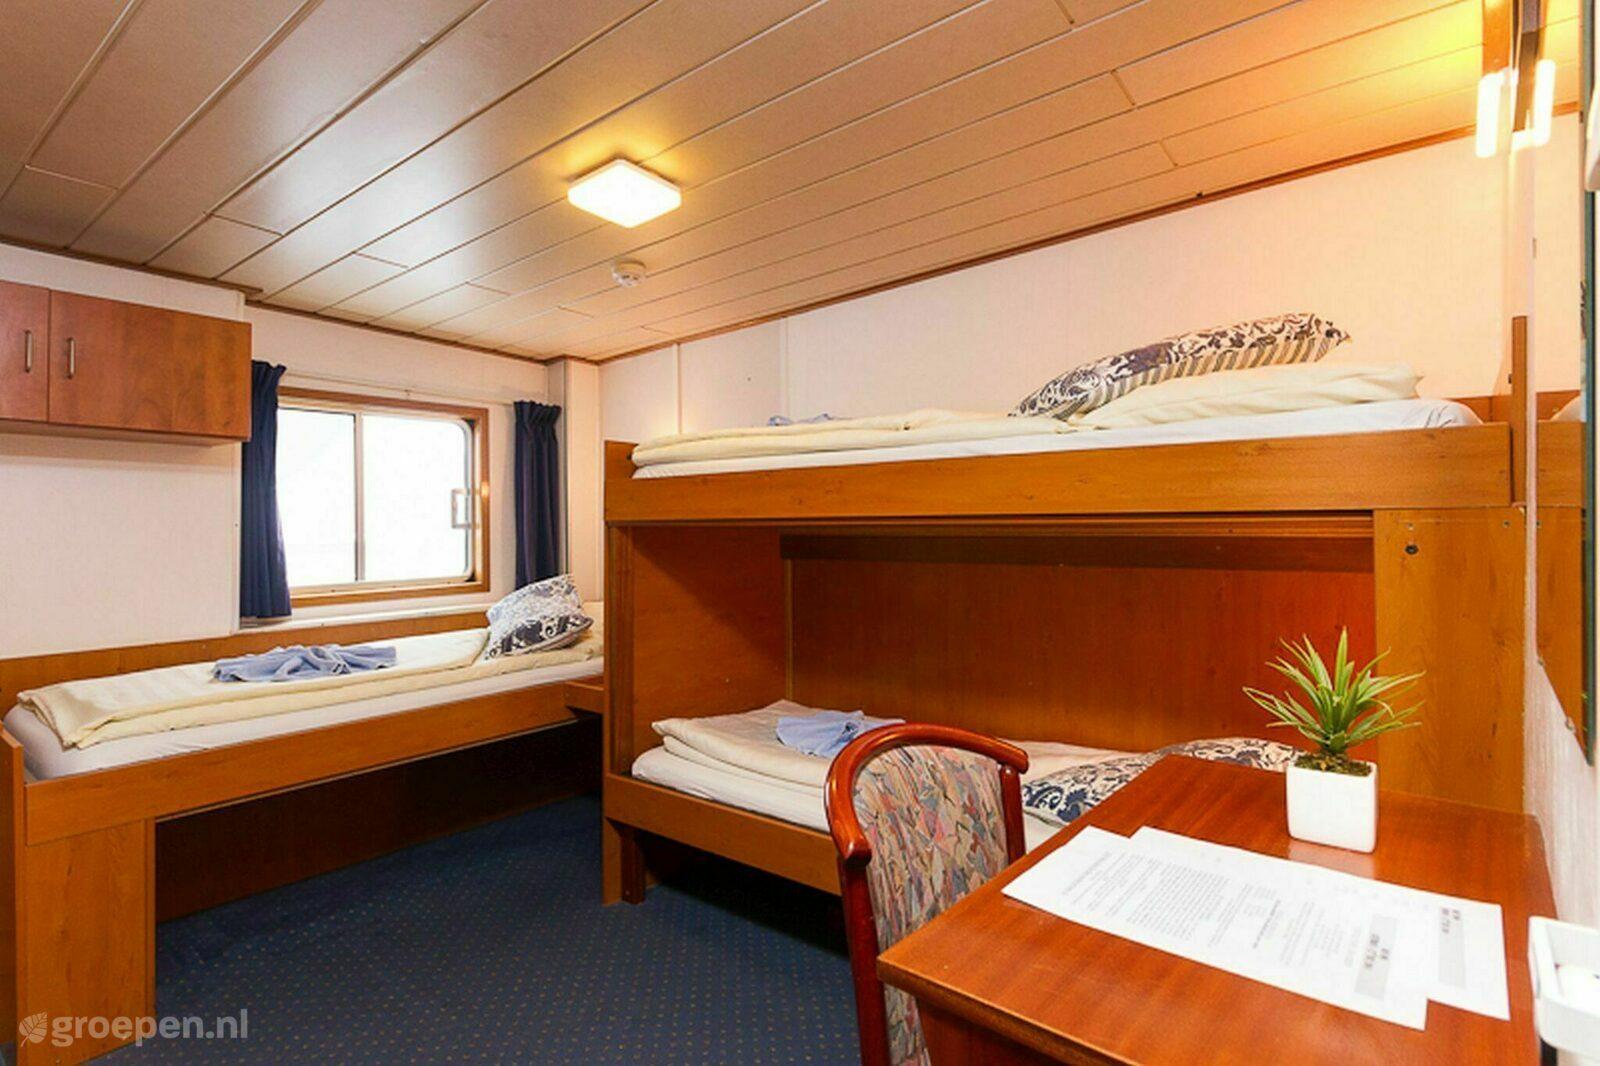 Group accommodation Maasbommel